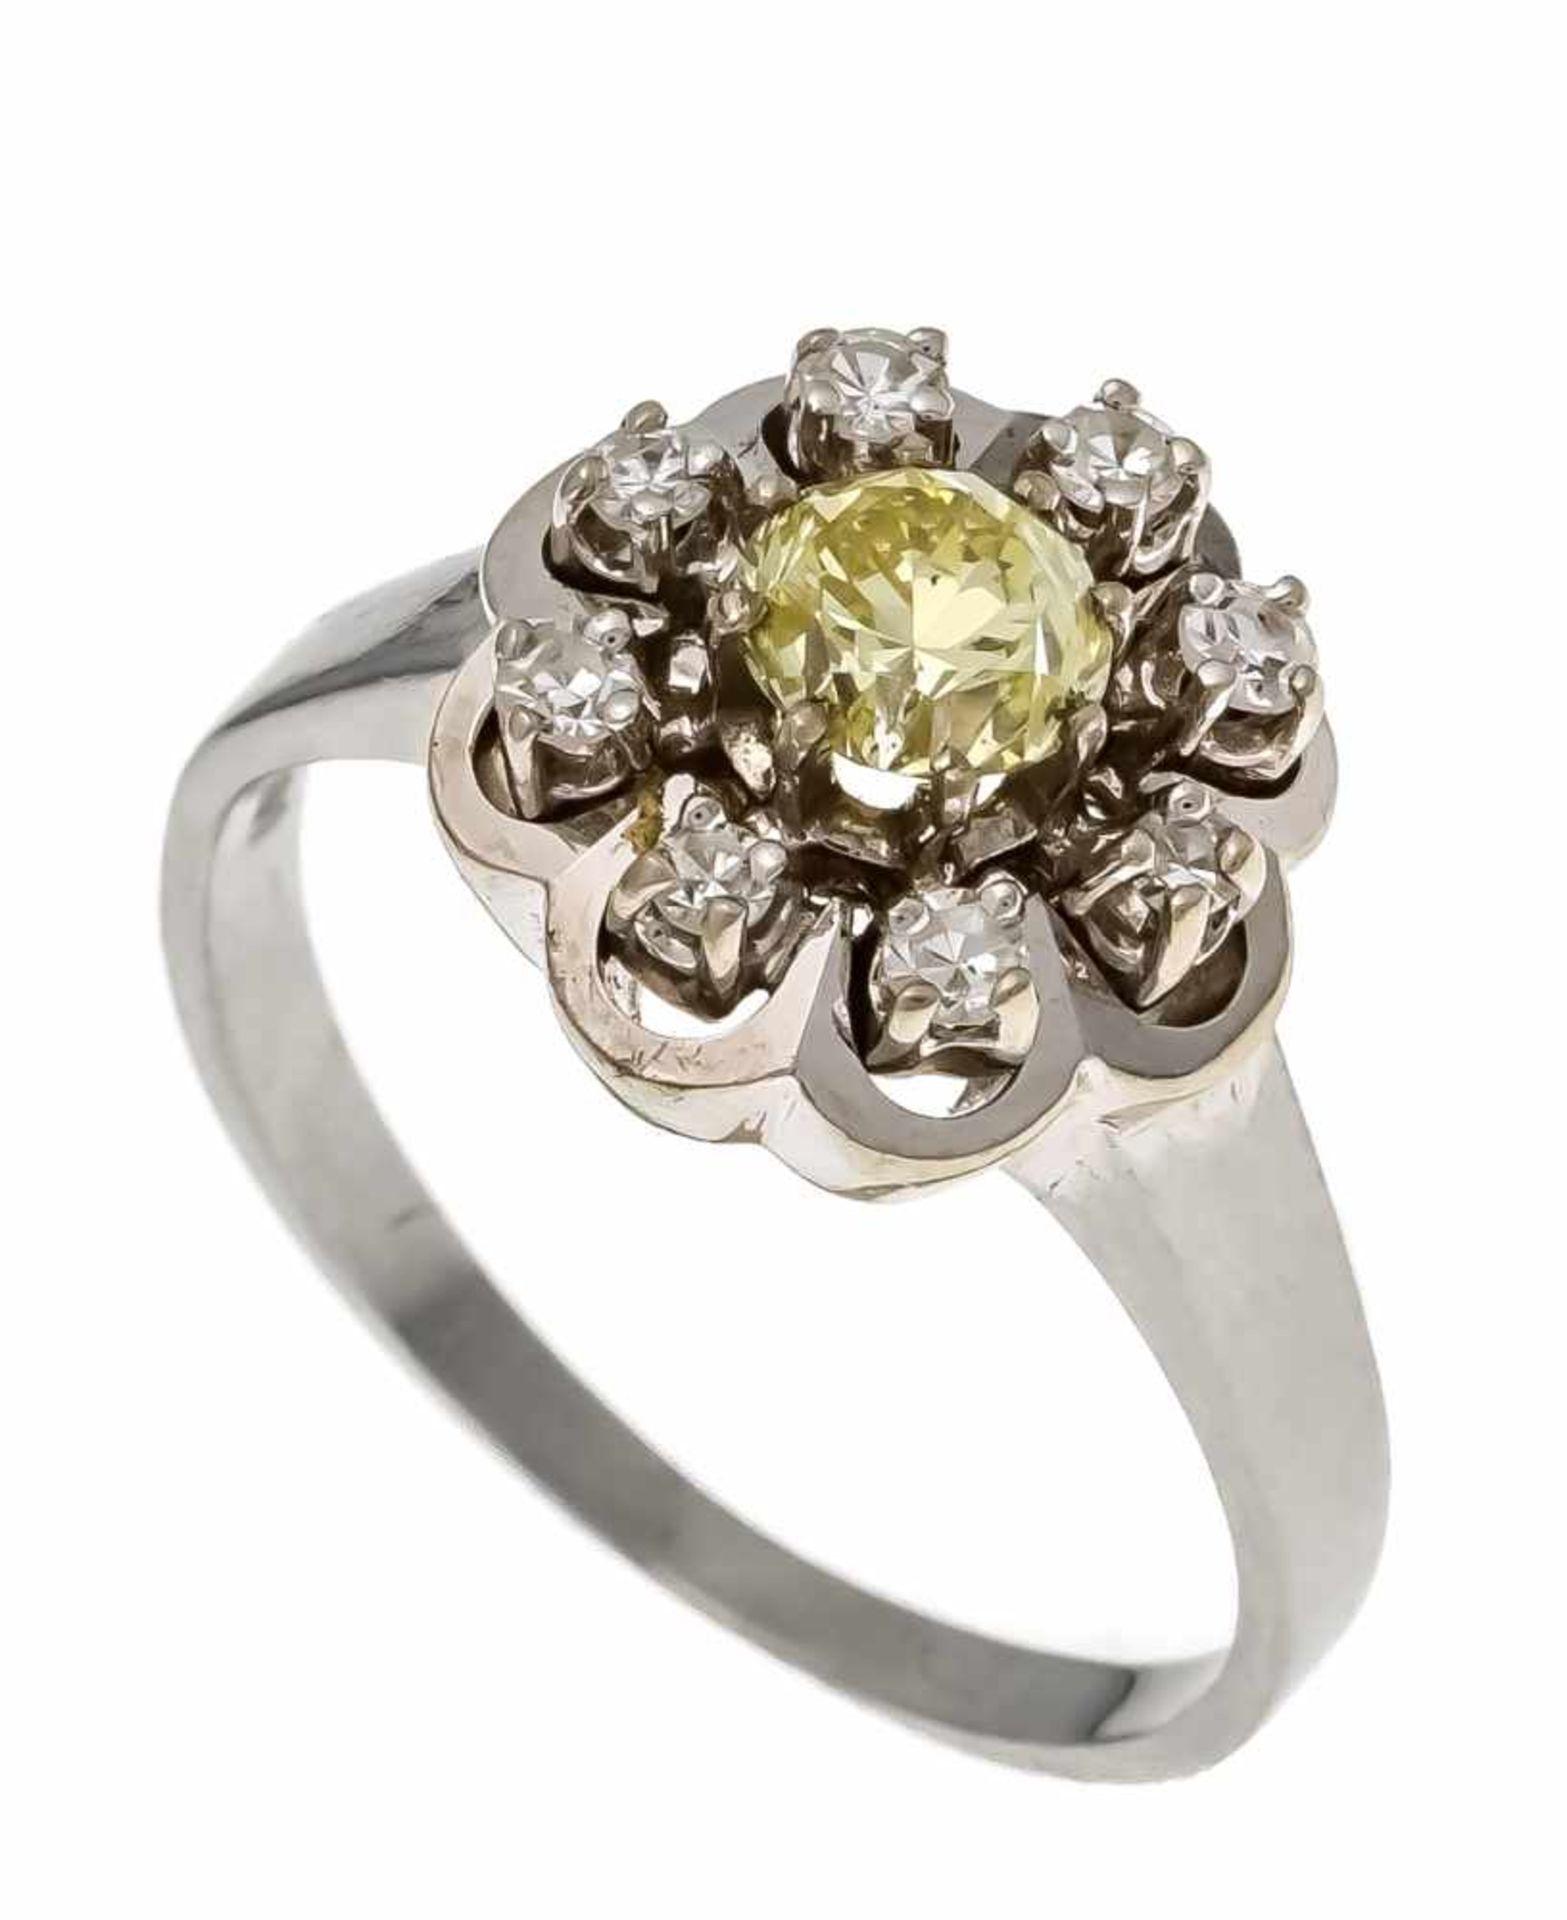 Altschliff-Diamant-Ring WG 585/000 mit einem Altschliff-Diamanten 0,50 ct fancy light yellow/SI1 und